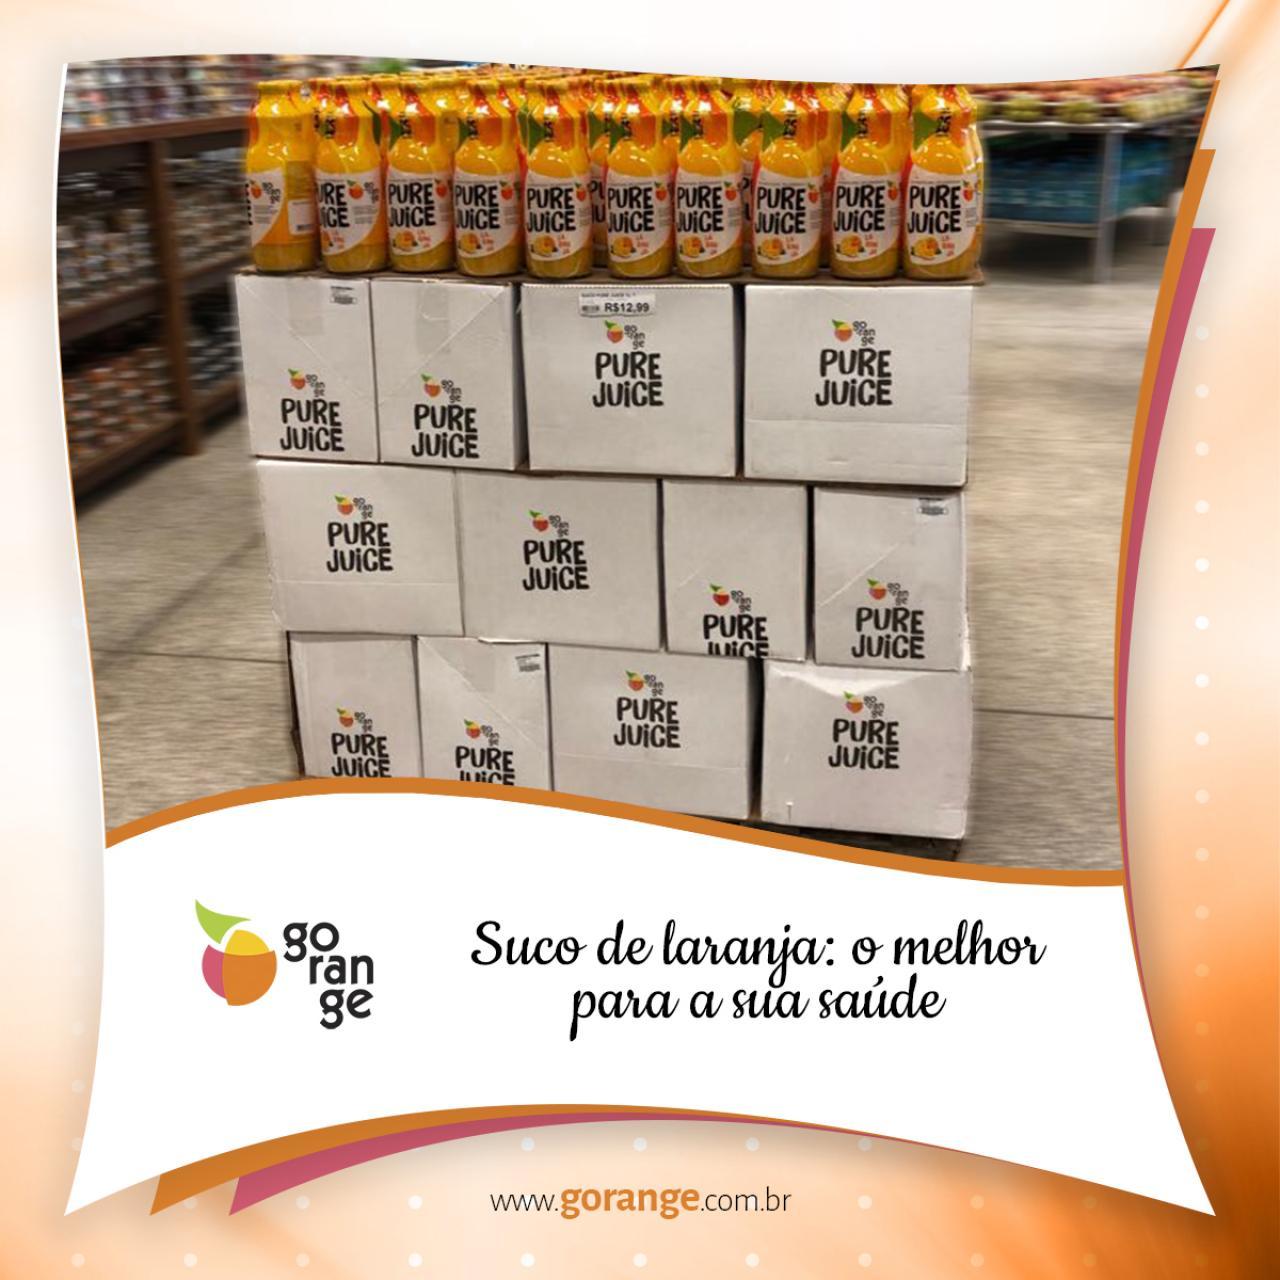 Suco de laranja: o melhor para a sua saúde